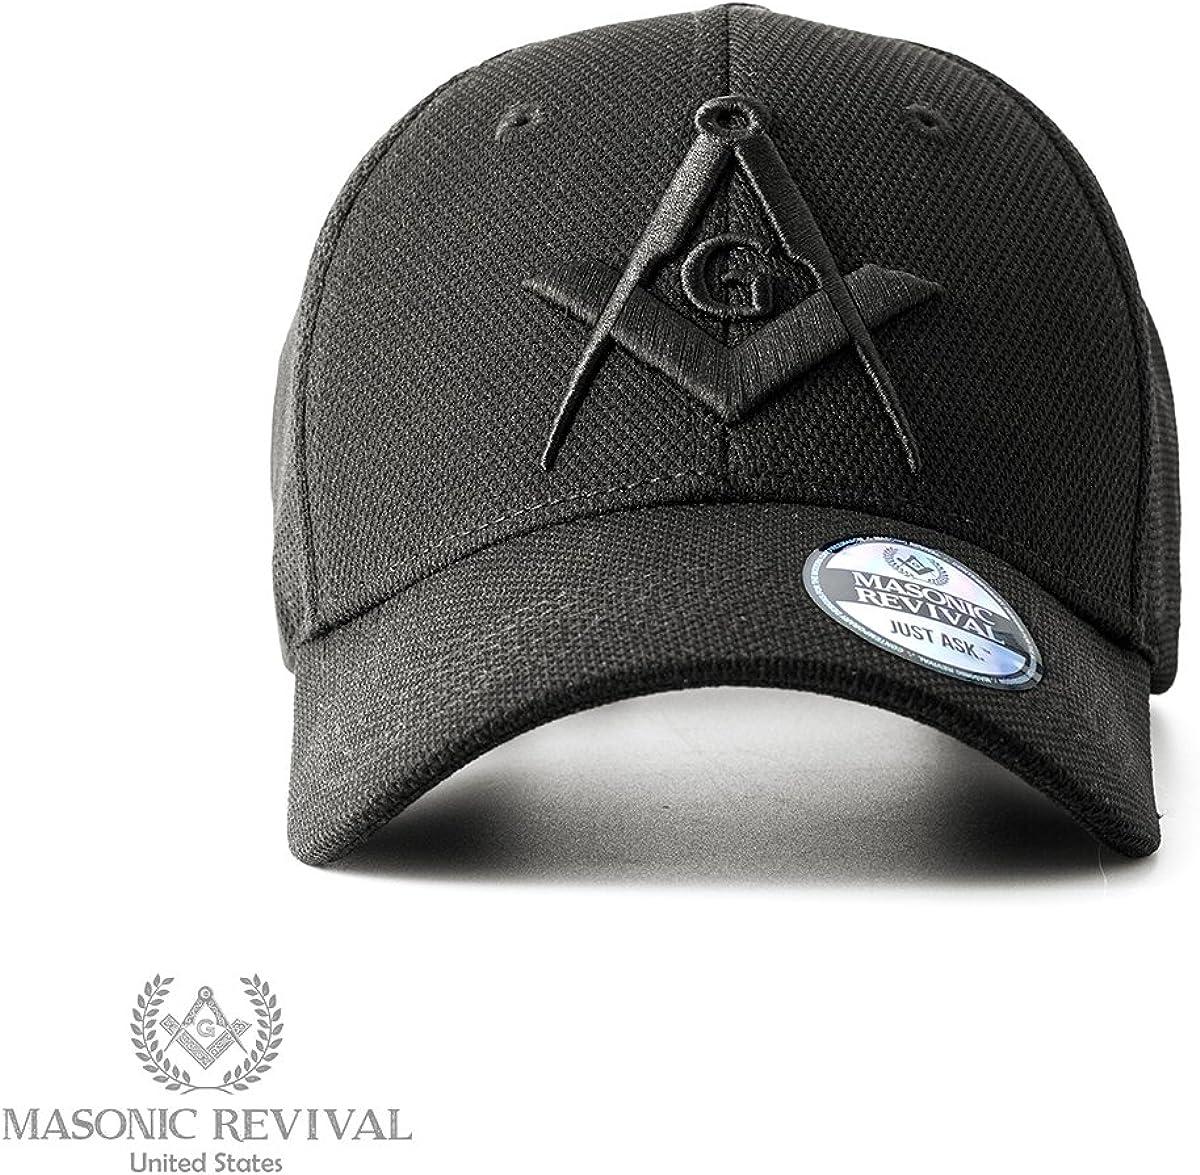 Noche Cap Square and Compass Masonic Hat